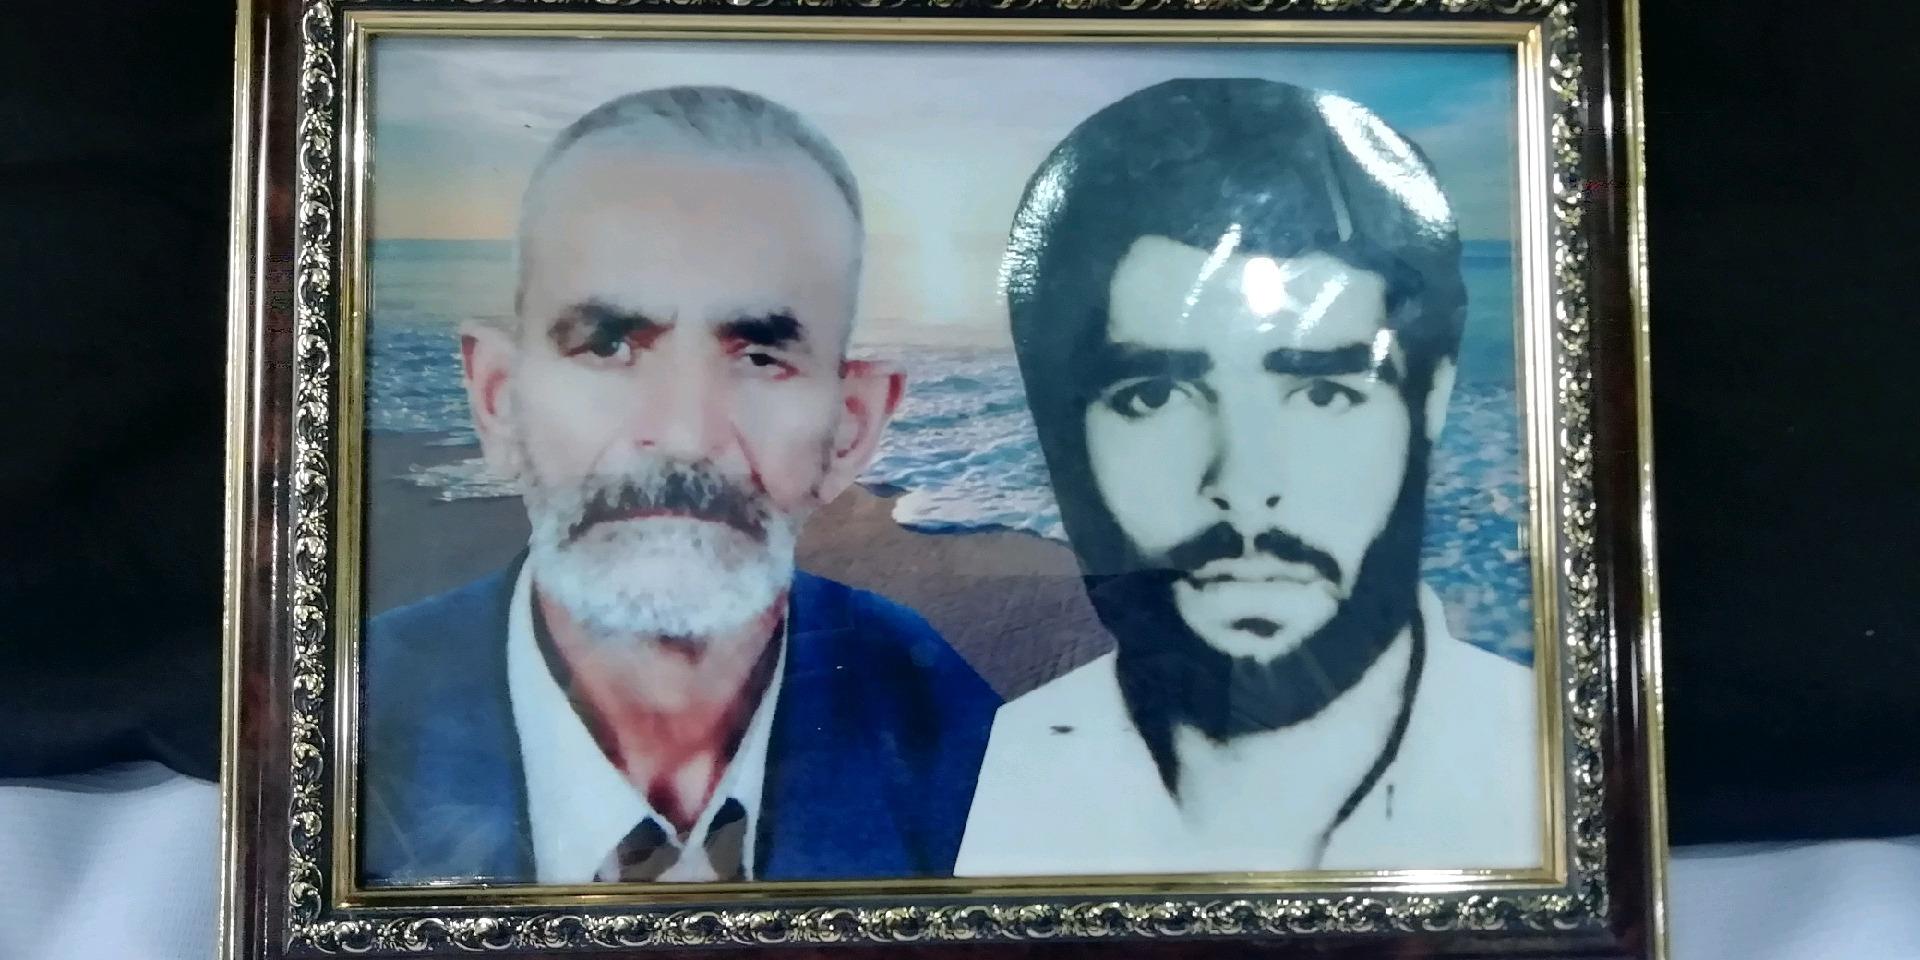 فوت پدر شهید محمد حسین تخمکار